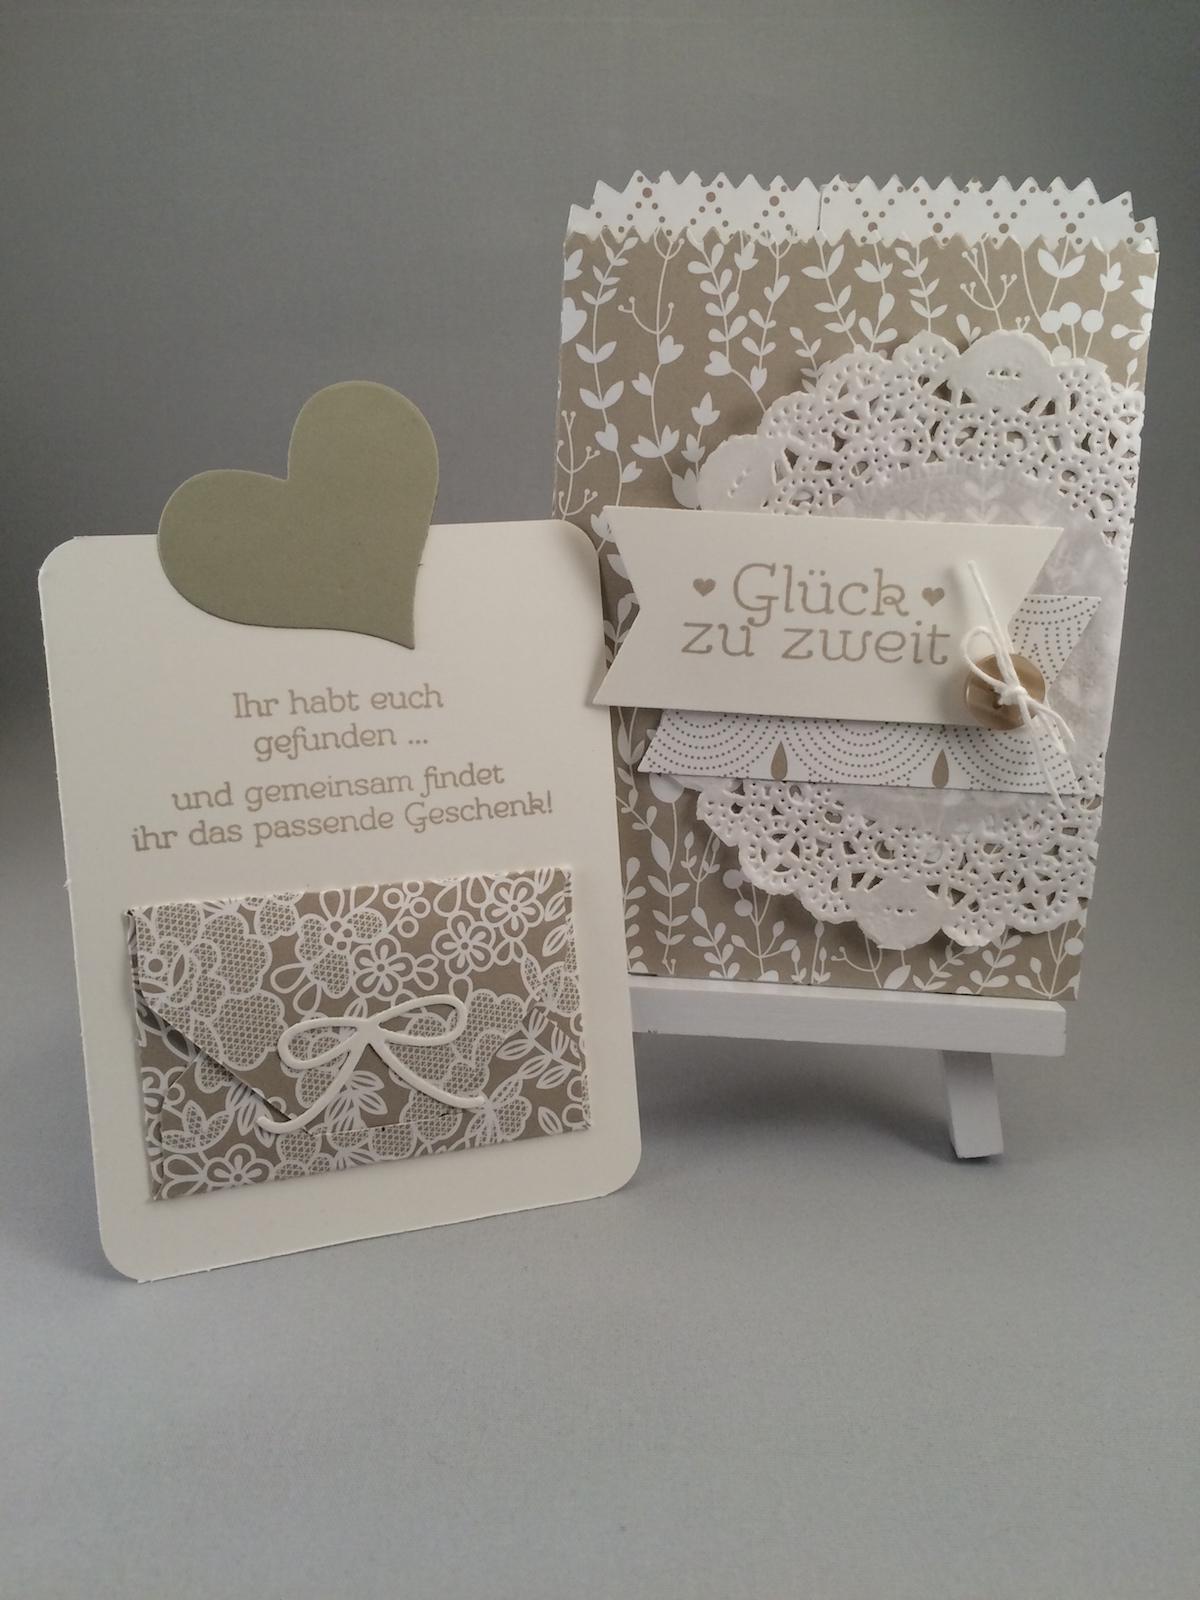 Hochzeitskarte in Saharasand gestaltet mit dem Thinlit Mini Leckereientüte für die Big shot und dem Designpapier Trau dich.